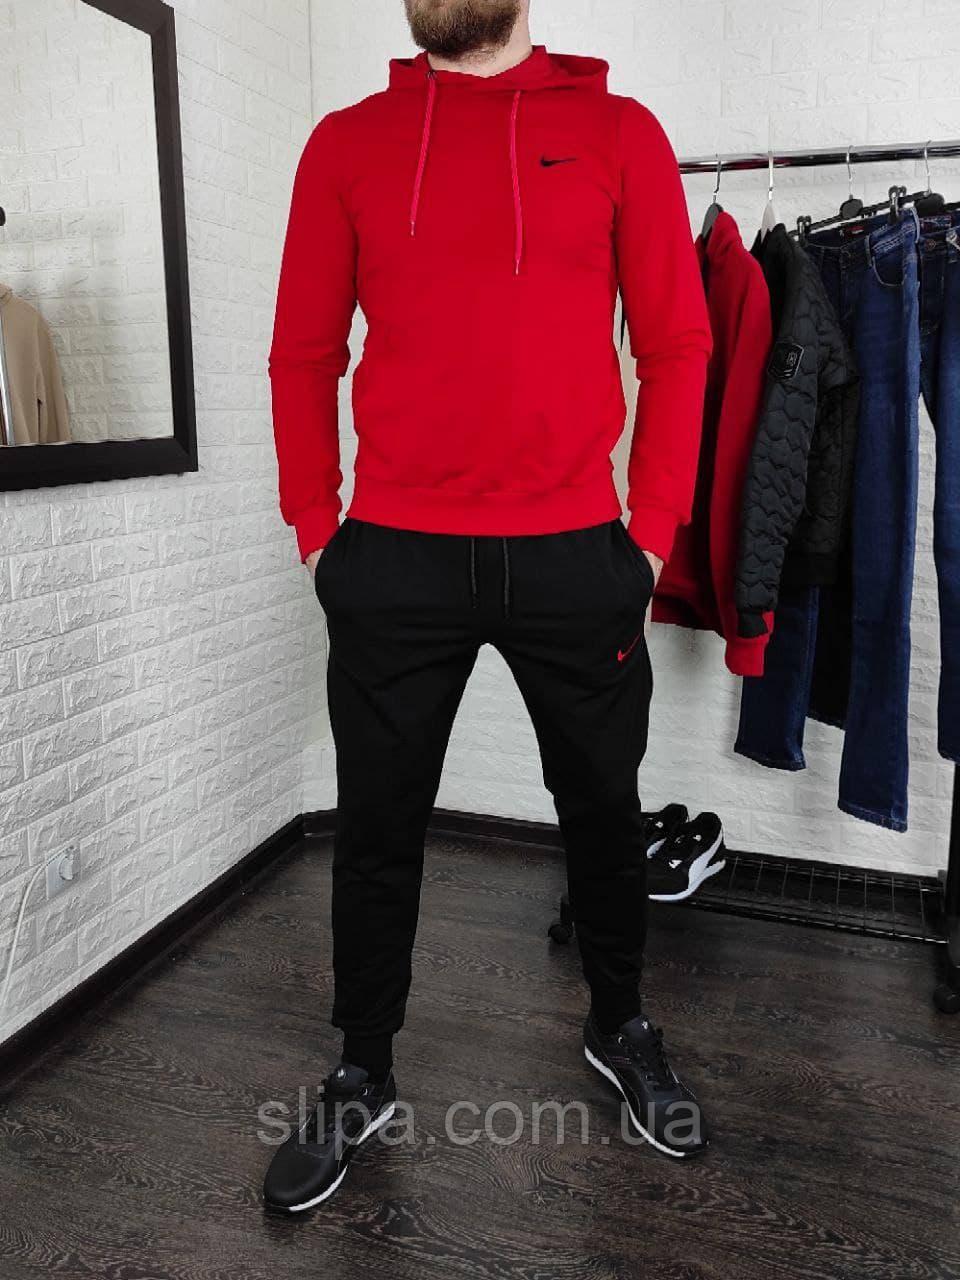 Мужской спортивный костюм Nike с капюшоном красный с чёрным